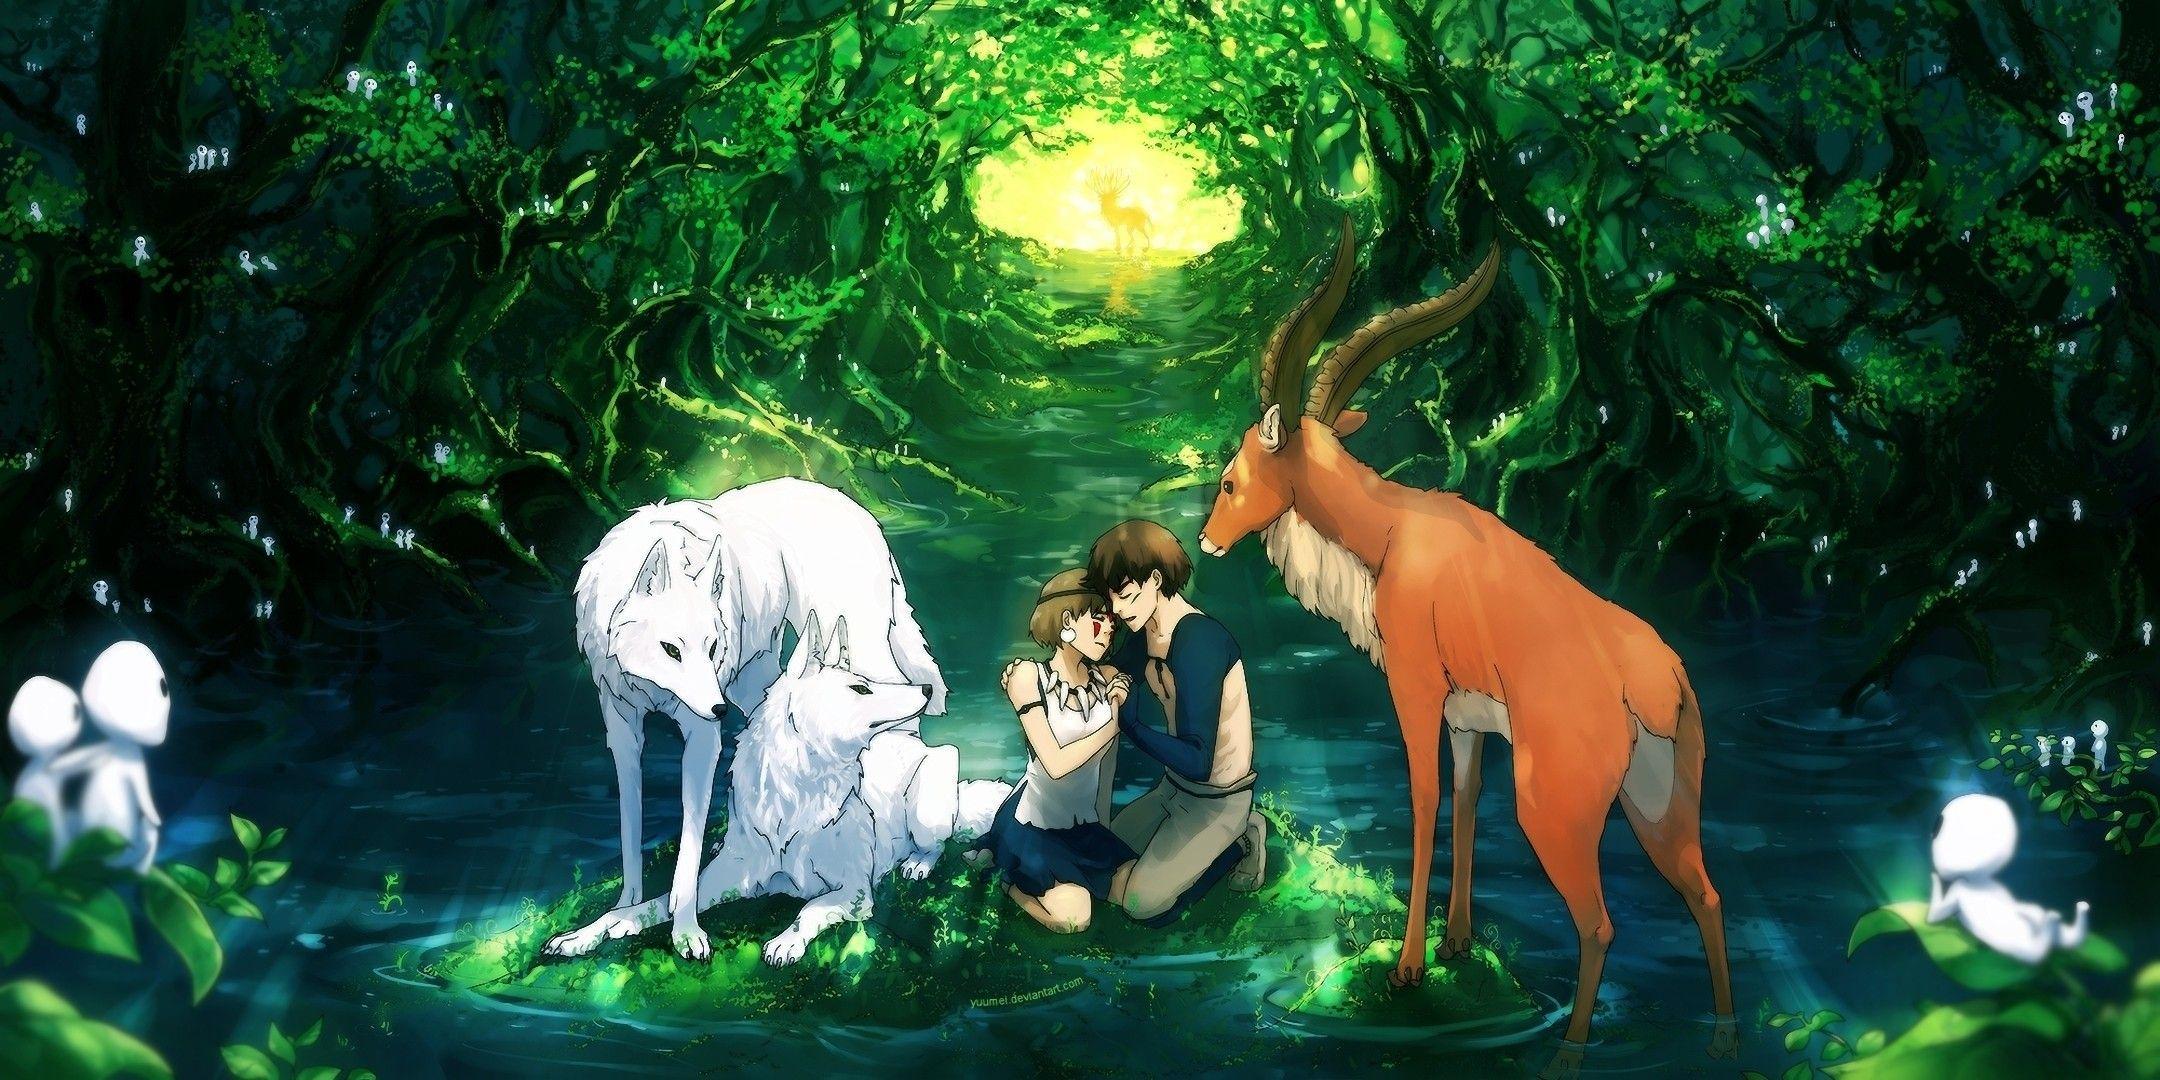 Princess Mononoke Studio Ghibli Wallpapers Top Free Princess Mononoke Studio Ghibli Backgrounds Wallpaperaccess